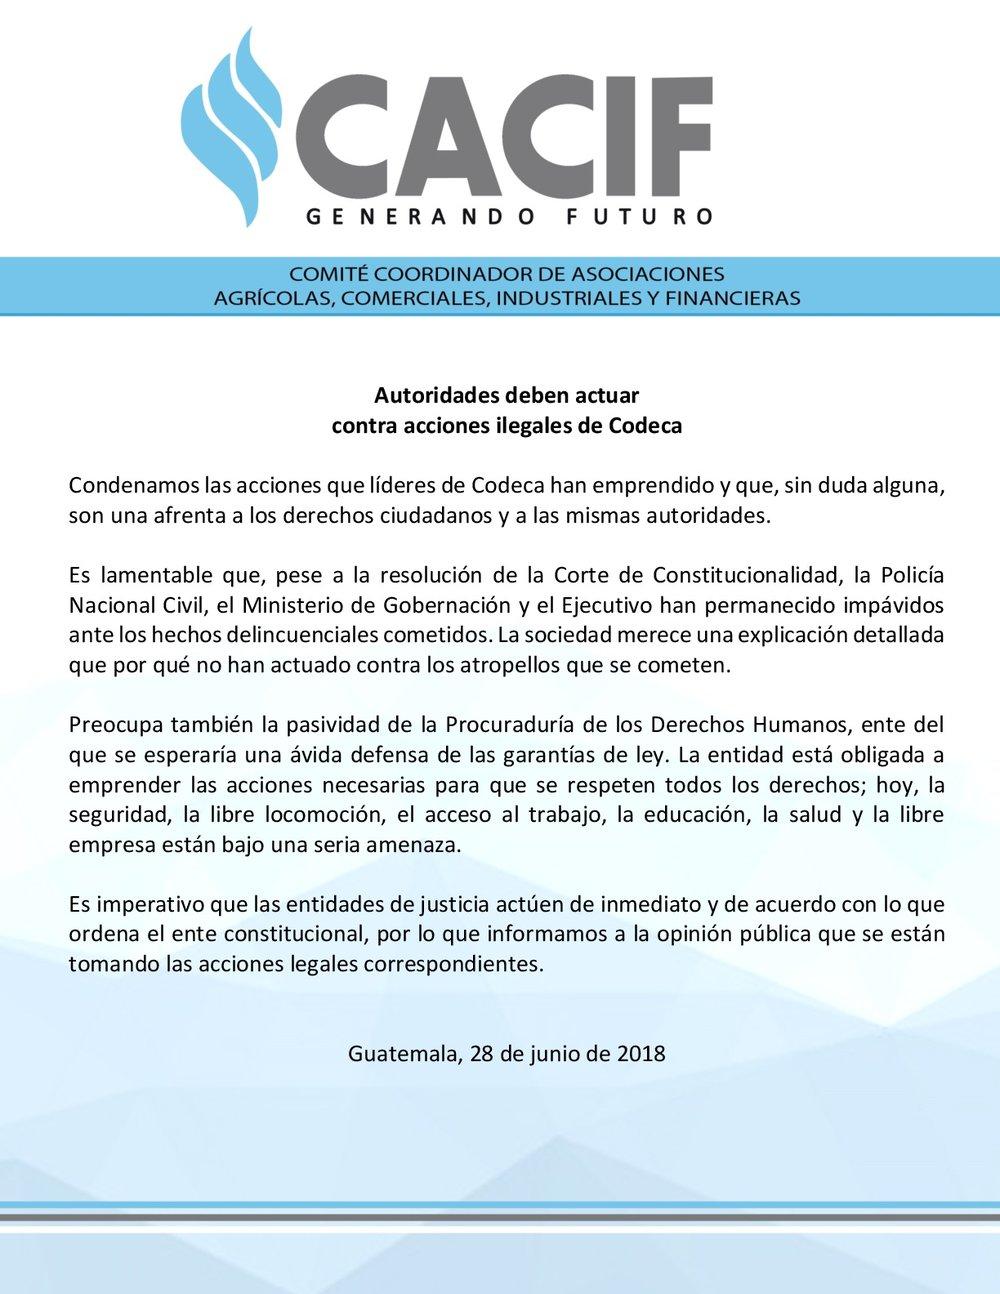 Acciones Jun2018-001.jpg